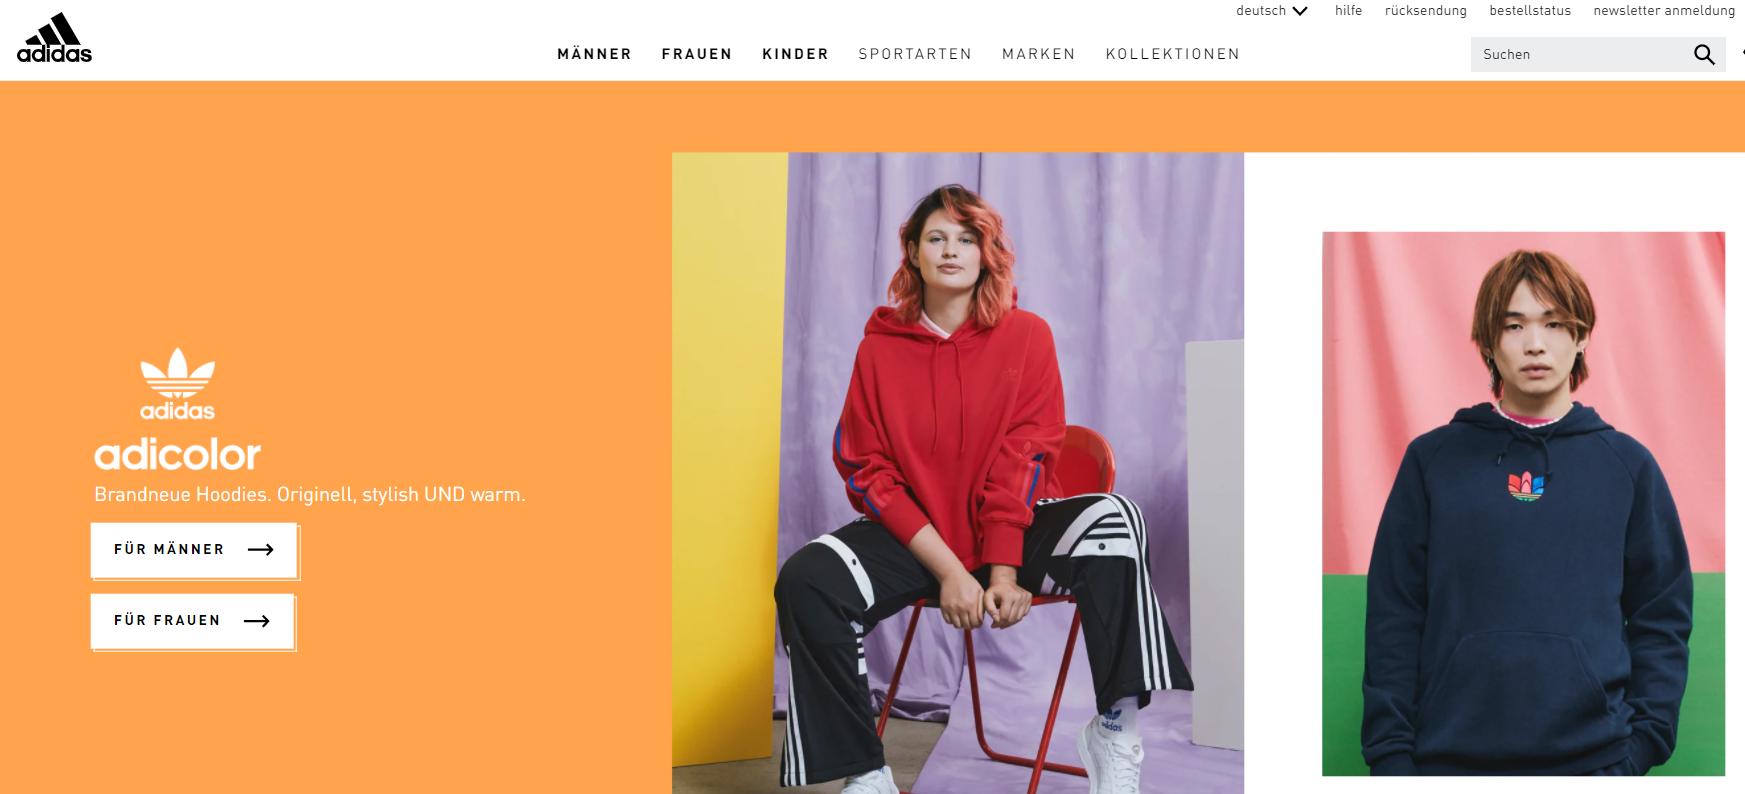 Die Adidas Startseite